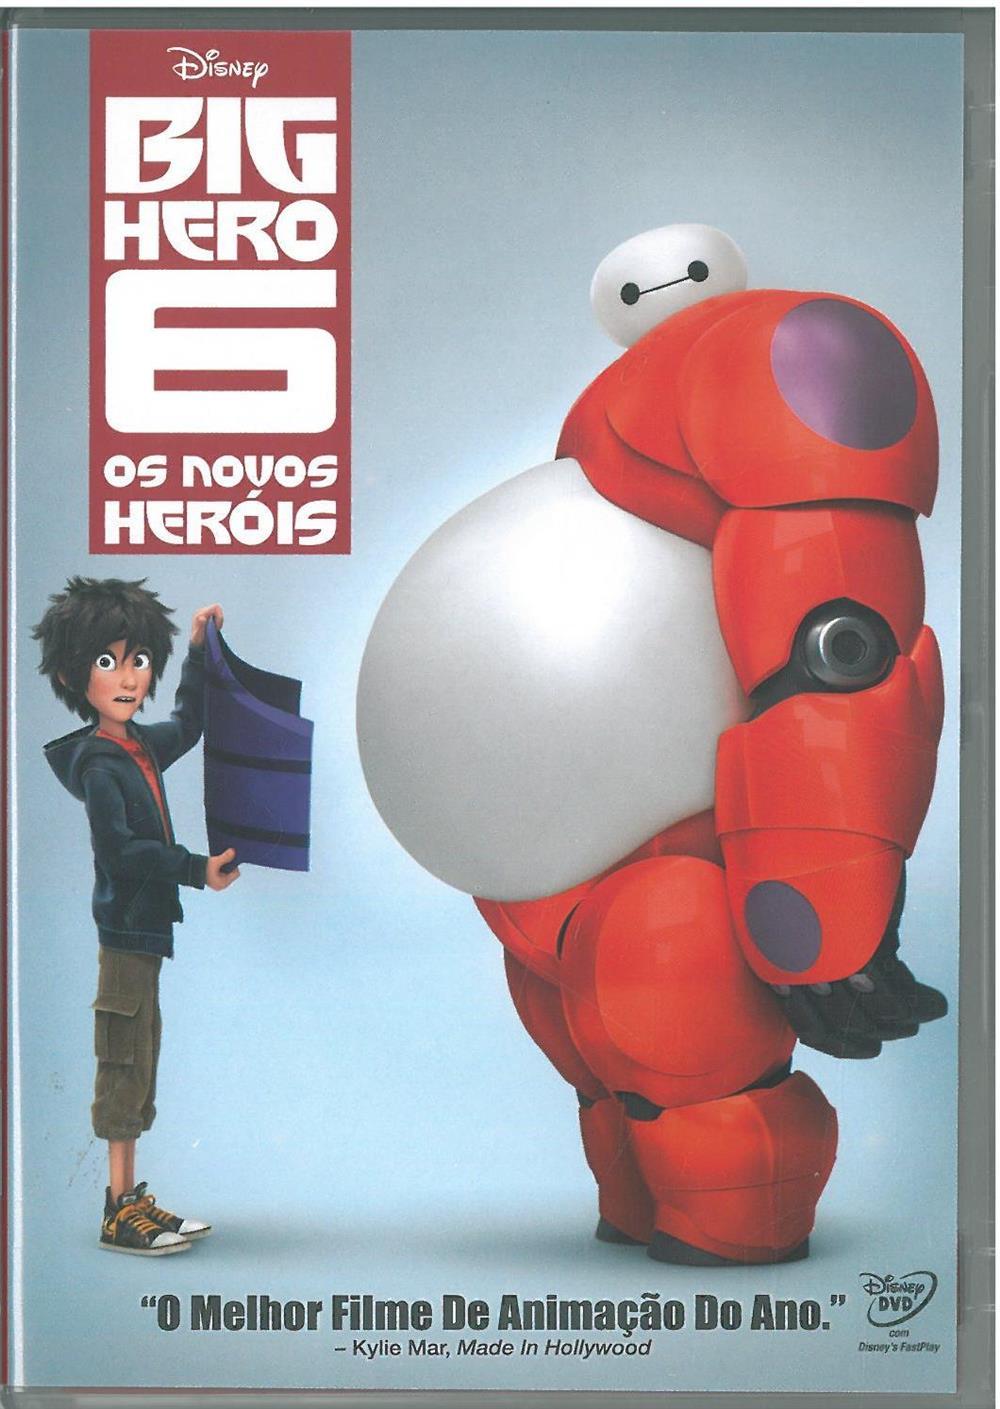 Big hero 6_DVD.jpg